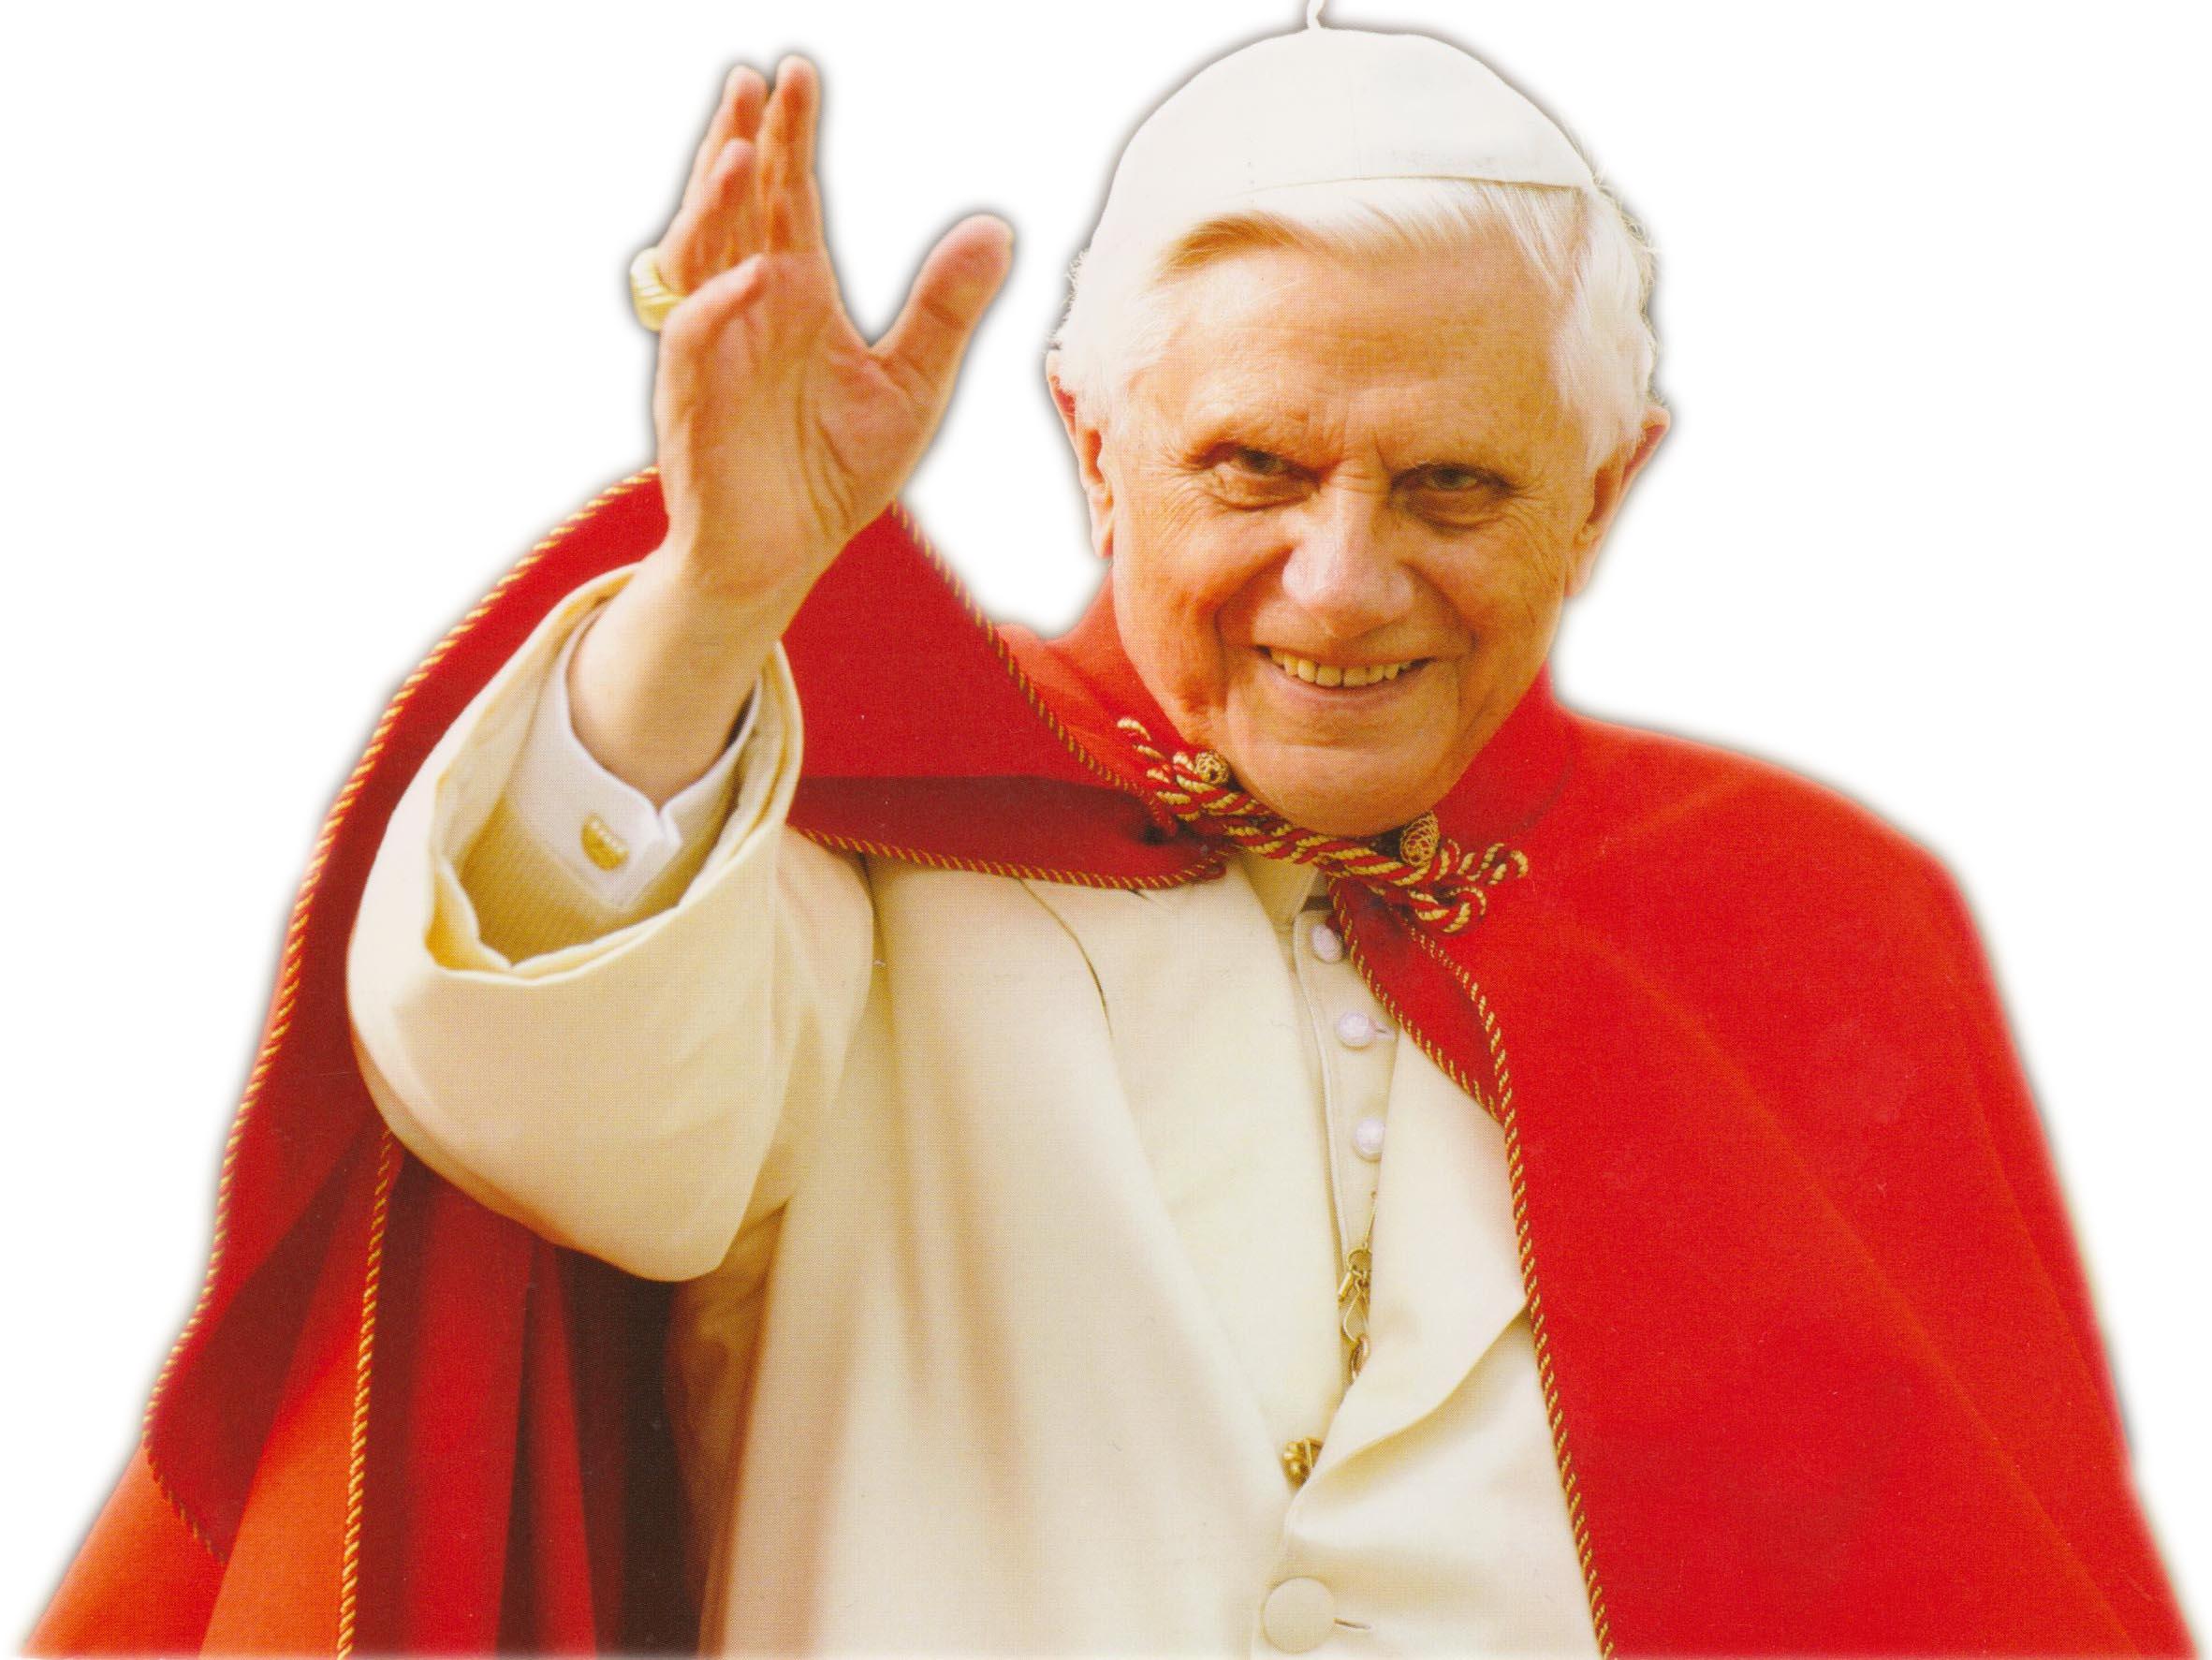 Notre Pape bien aimé Benoît XVI